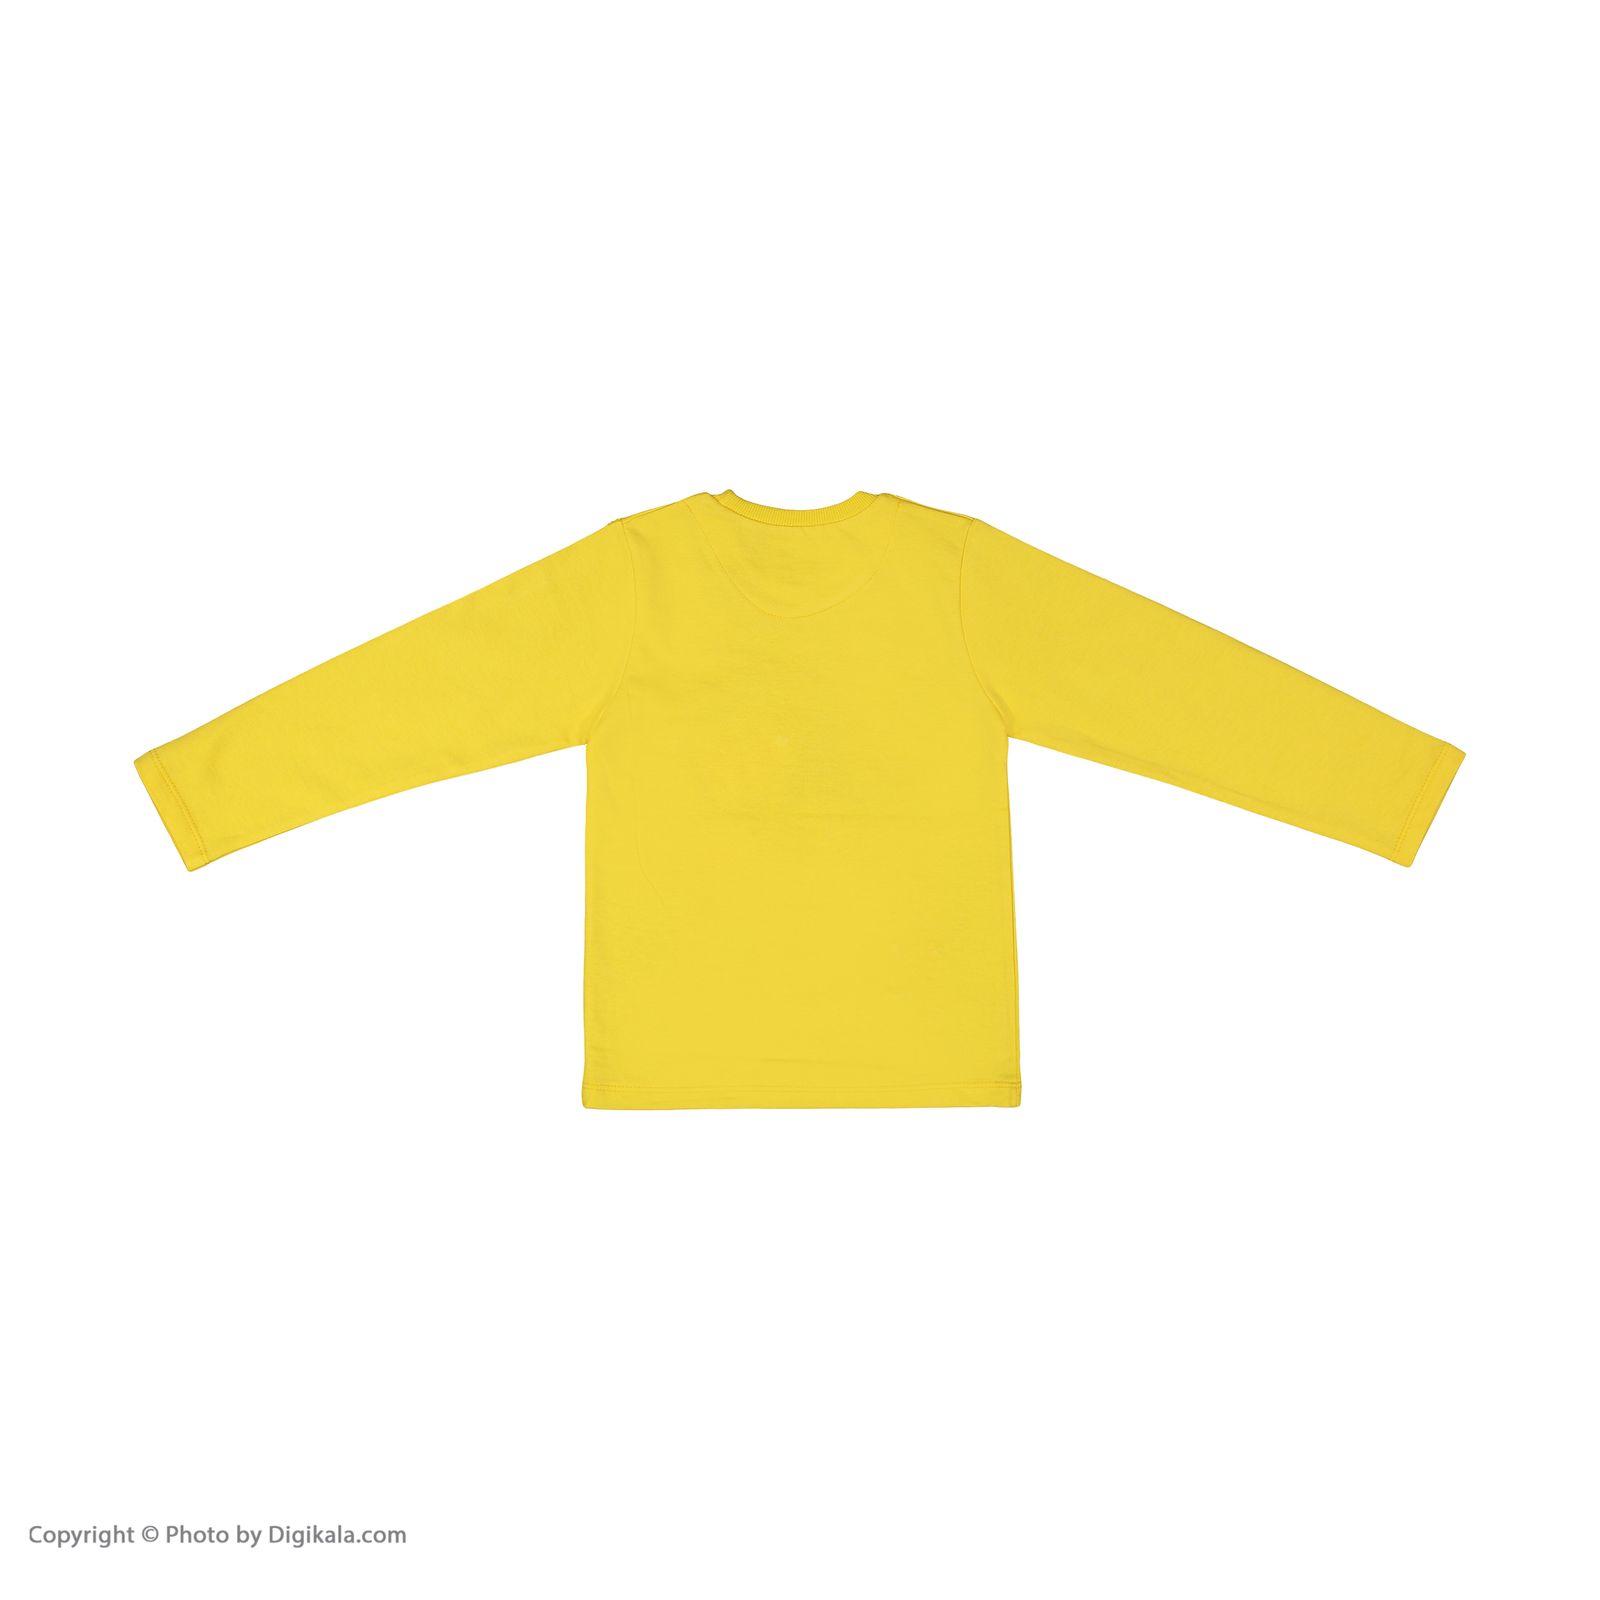 تی شرت پسرانه سون پون مدل 1391364-16 -  - 4